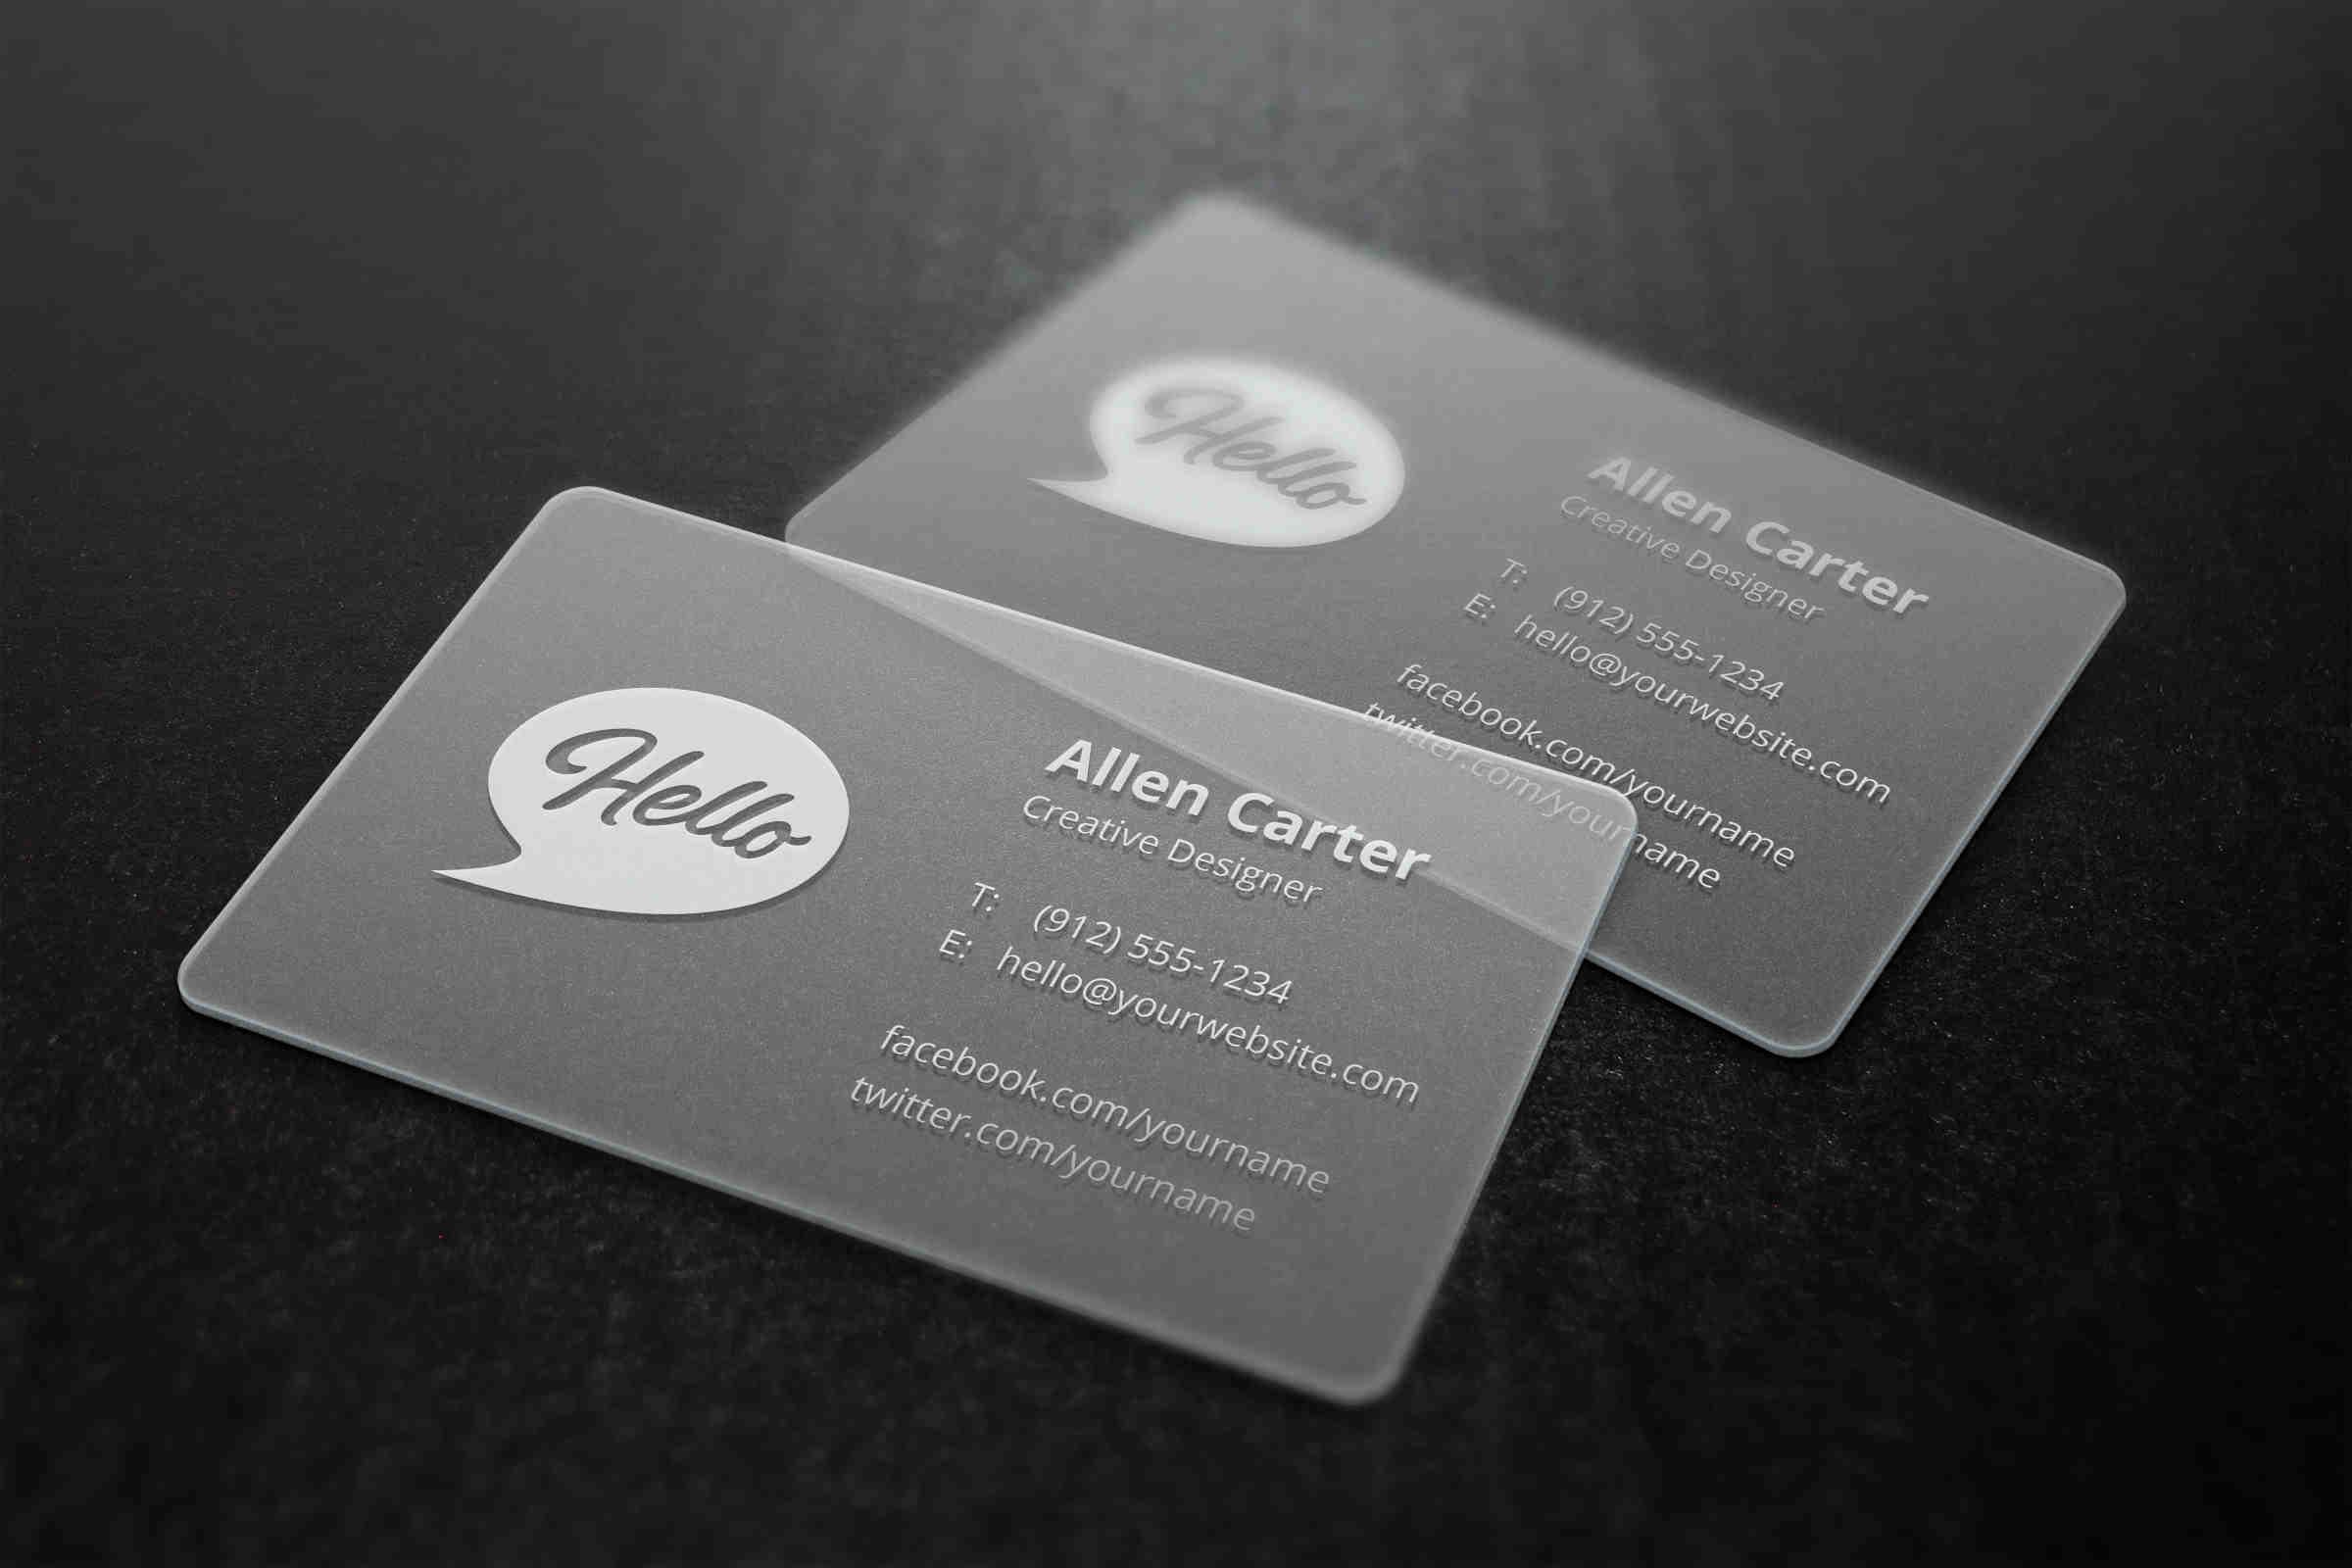 Detailed Translucent Business Cards Mockup